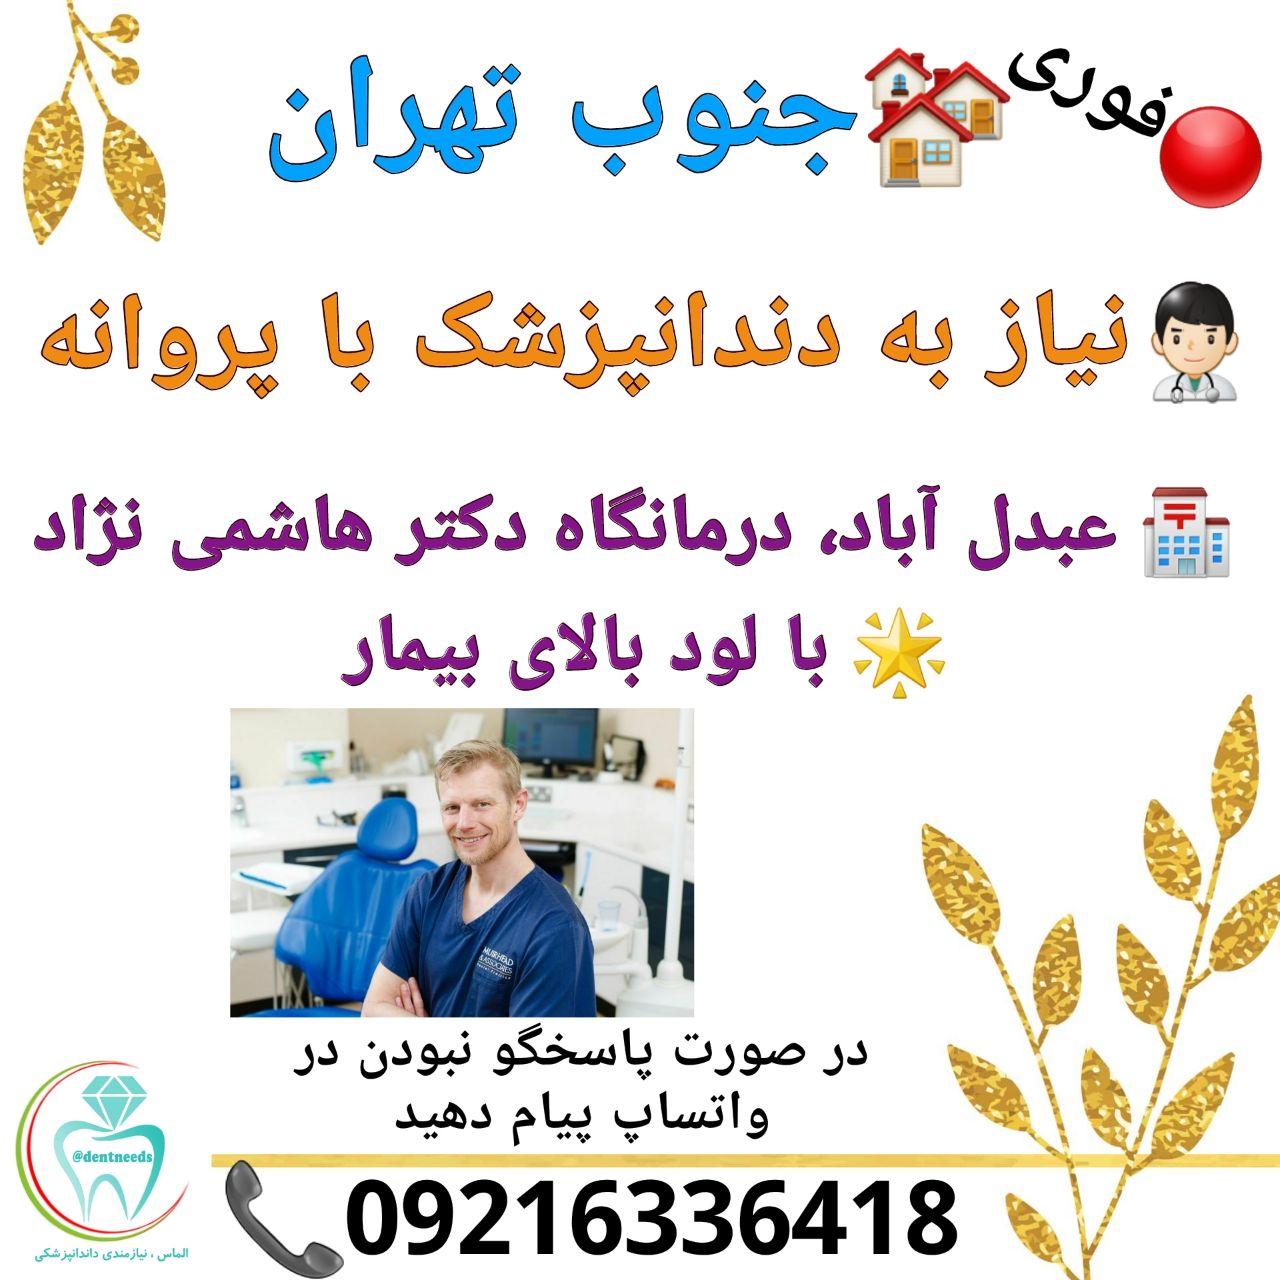 جنوب تهران ، نیاز به دندانپزشک با پروانه